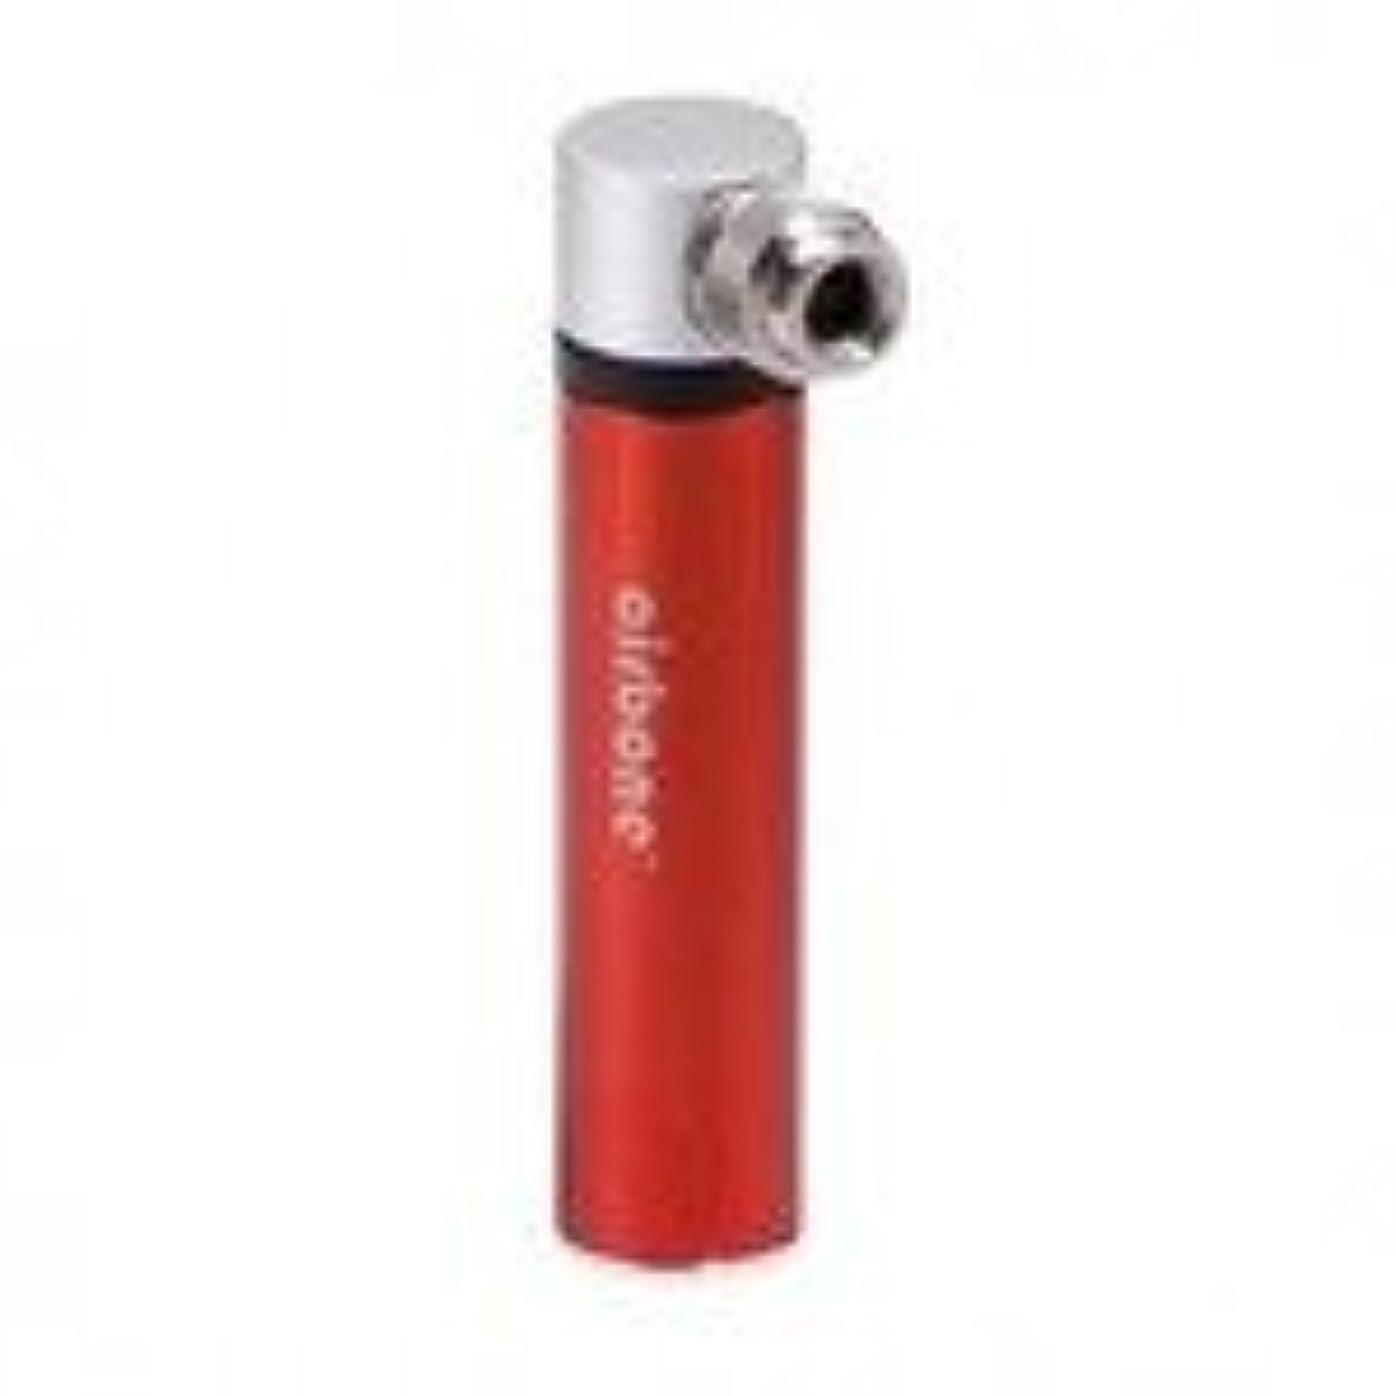 コミュニケーションマイクロプロセッサ駐地(エアボーン/airbone)(自転車用空気入れ)スーパーミニポンプ (カラー) オレンジ